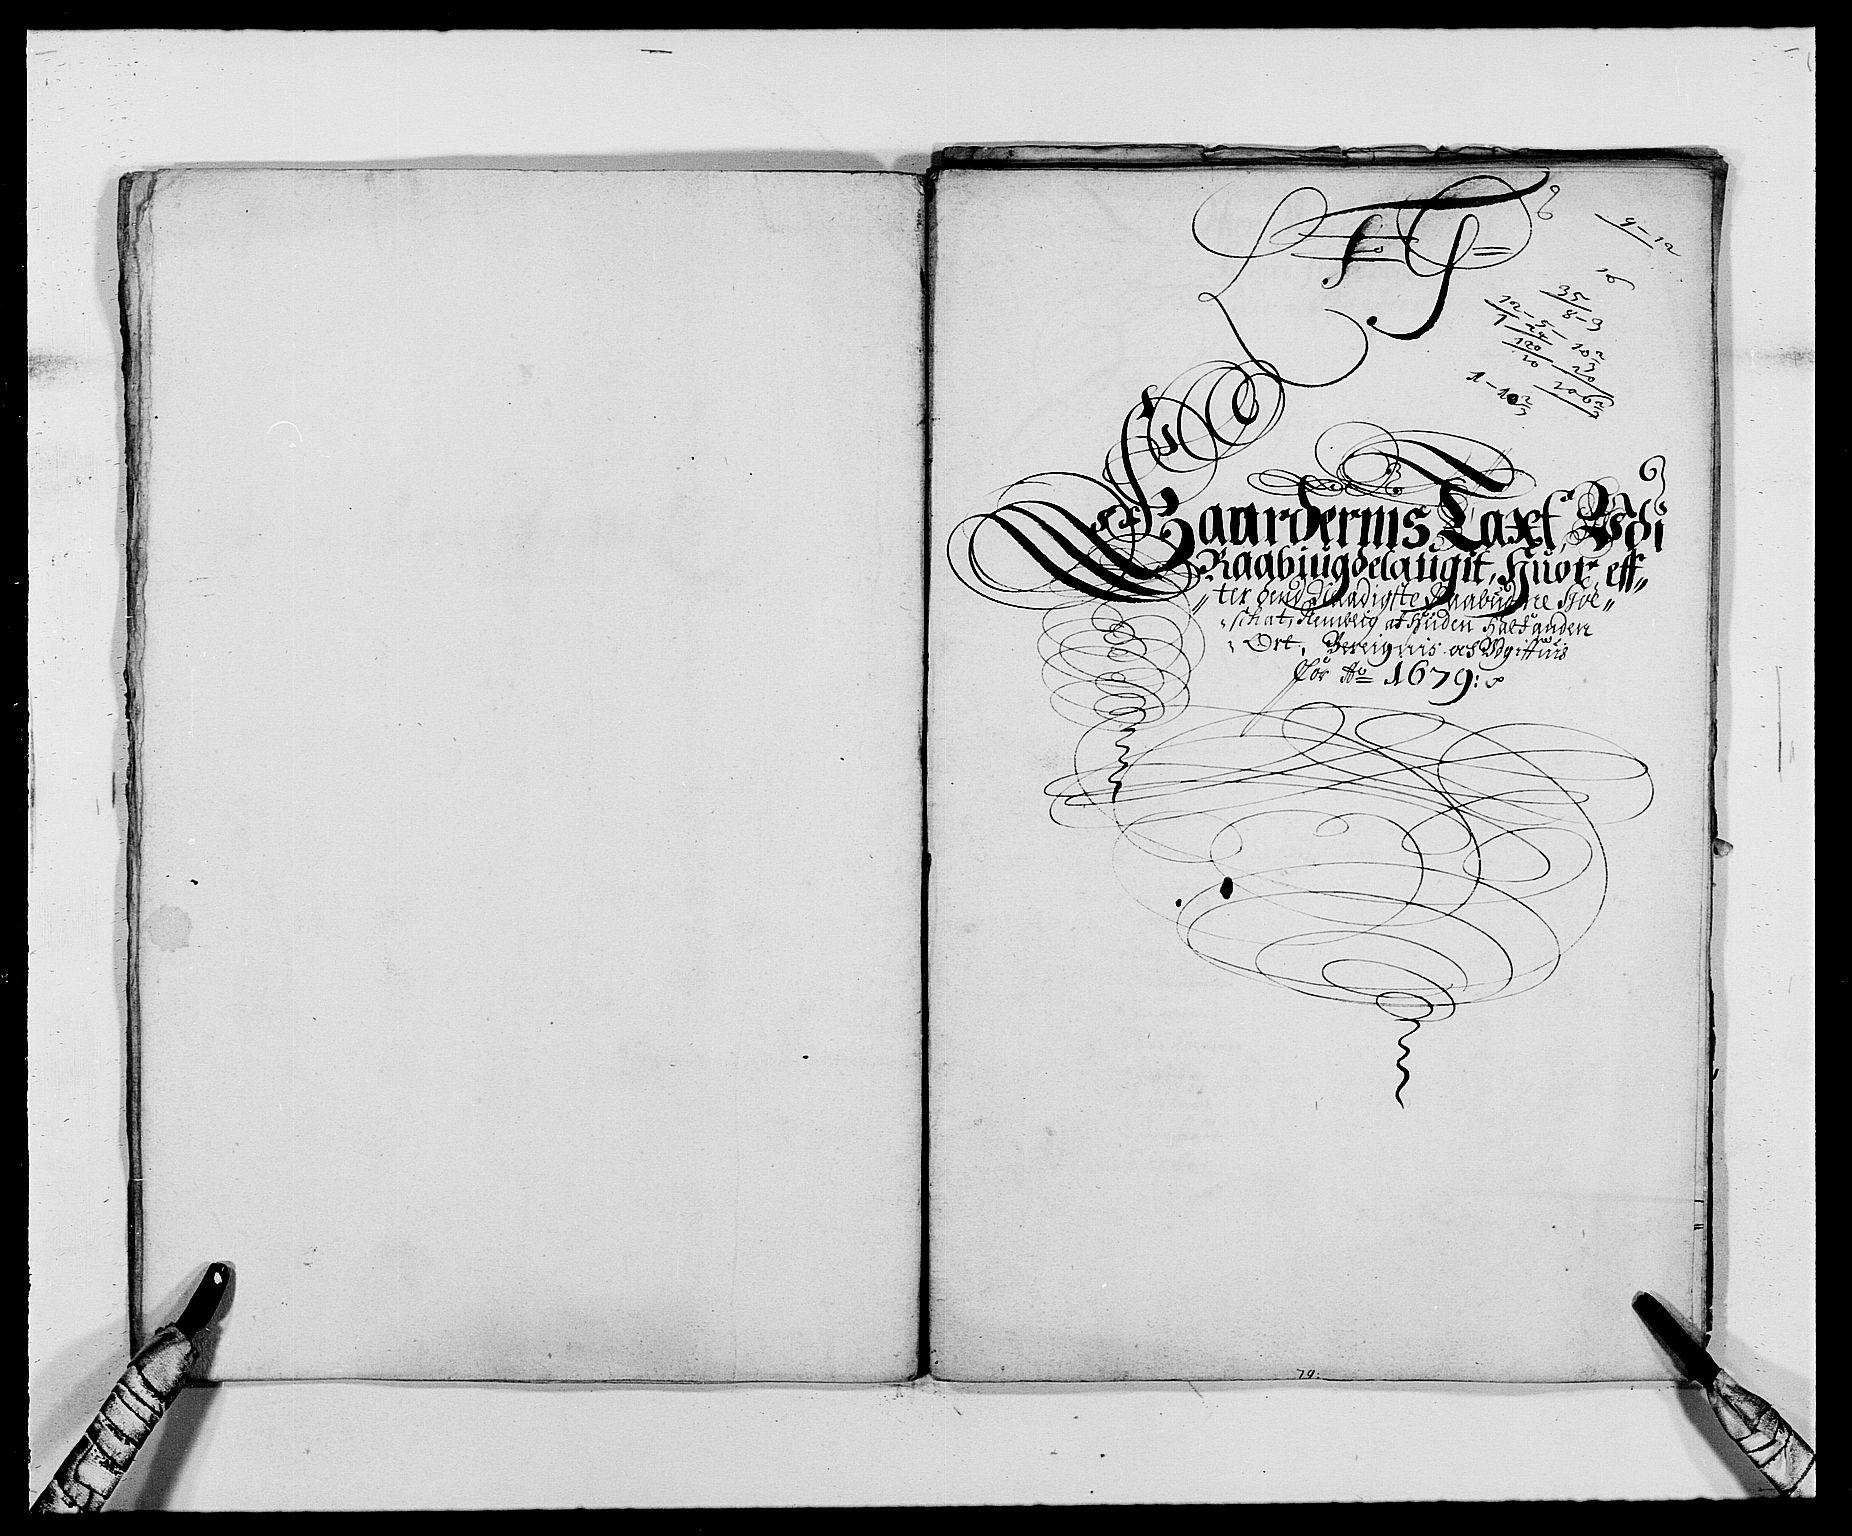 RA, Rentekammeret inntil 1814, Reviderte regnskaper, Fogderegnskap, R40/L2436: Fogderegnskap Råbyggelag, 1679-1680, s. 77